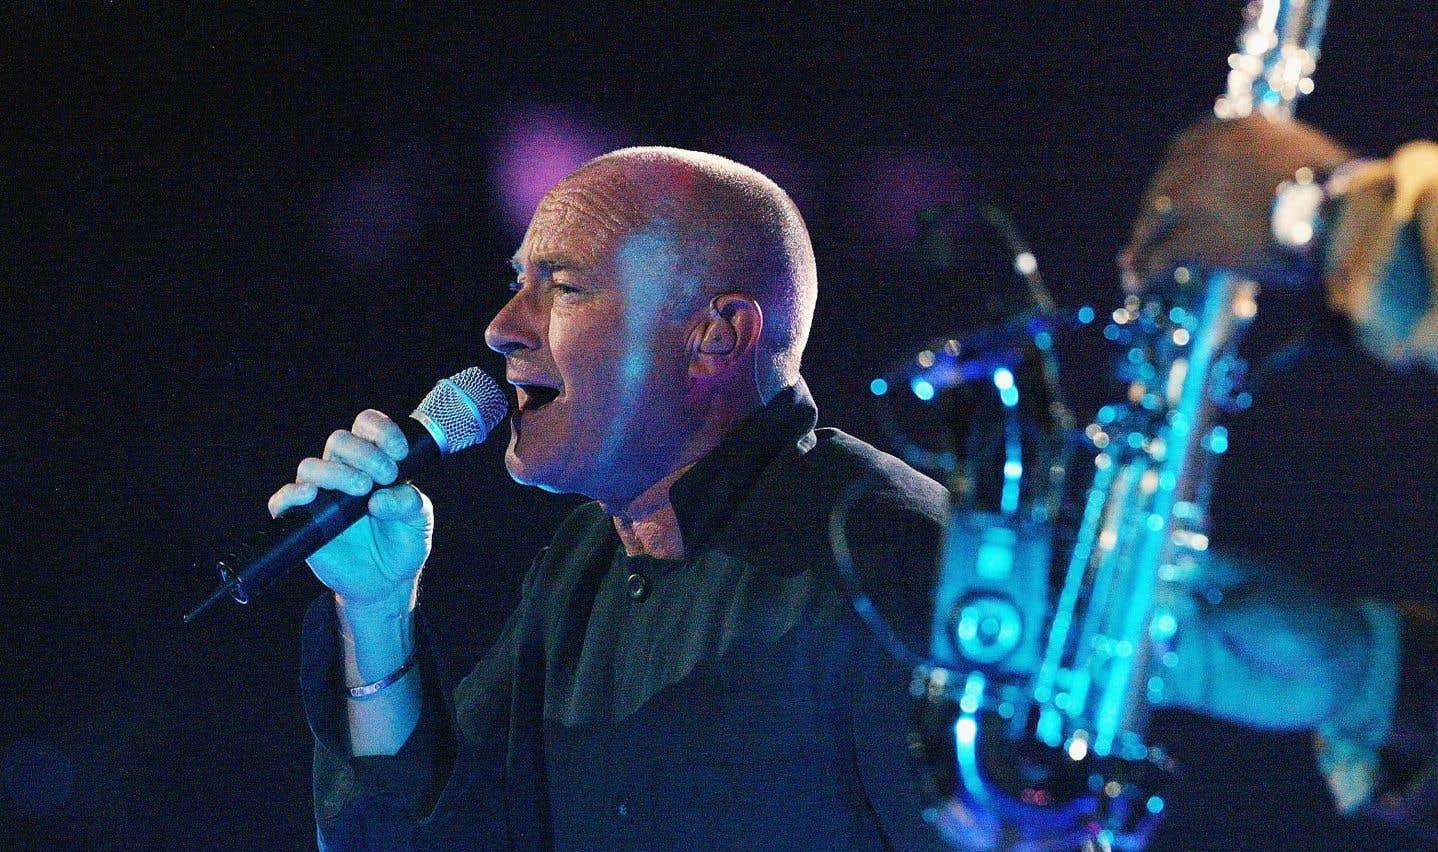 «Quand Peter Gabriel a quitté Genesis [remplacé par Phil Collins (notre photo)], plusieurs ont pensé que ce groupe-là ne survivrait pas. Pourtant, c'est faux. Ils ont tellement eu plus de succès après son départ», souligne Laurent Saulnier.